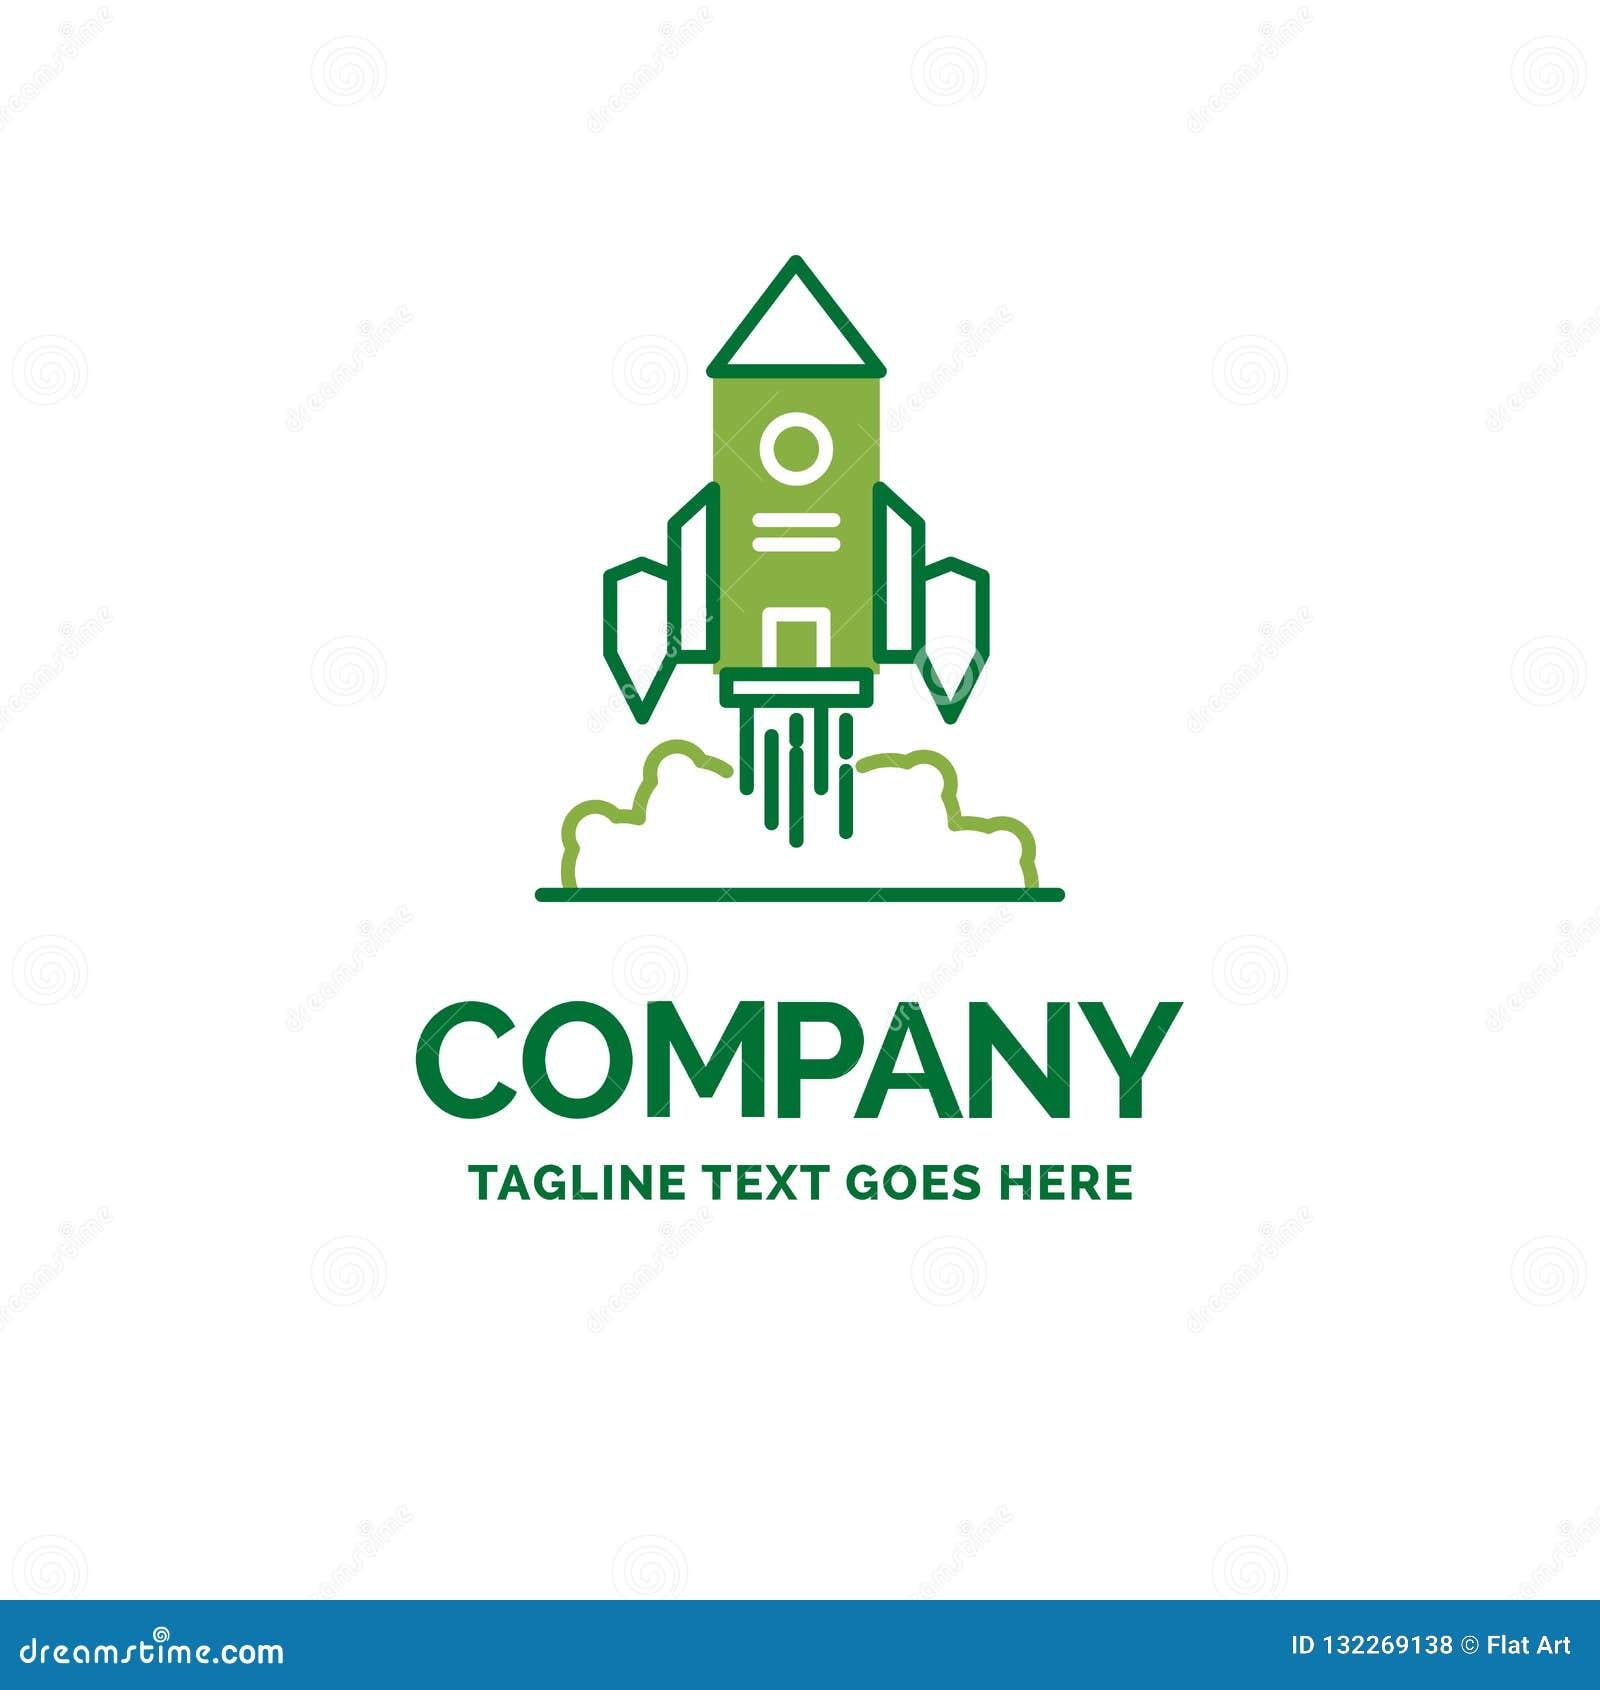 Rocket, Spaceship, Startup, Launch, Game Flat Business Logo